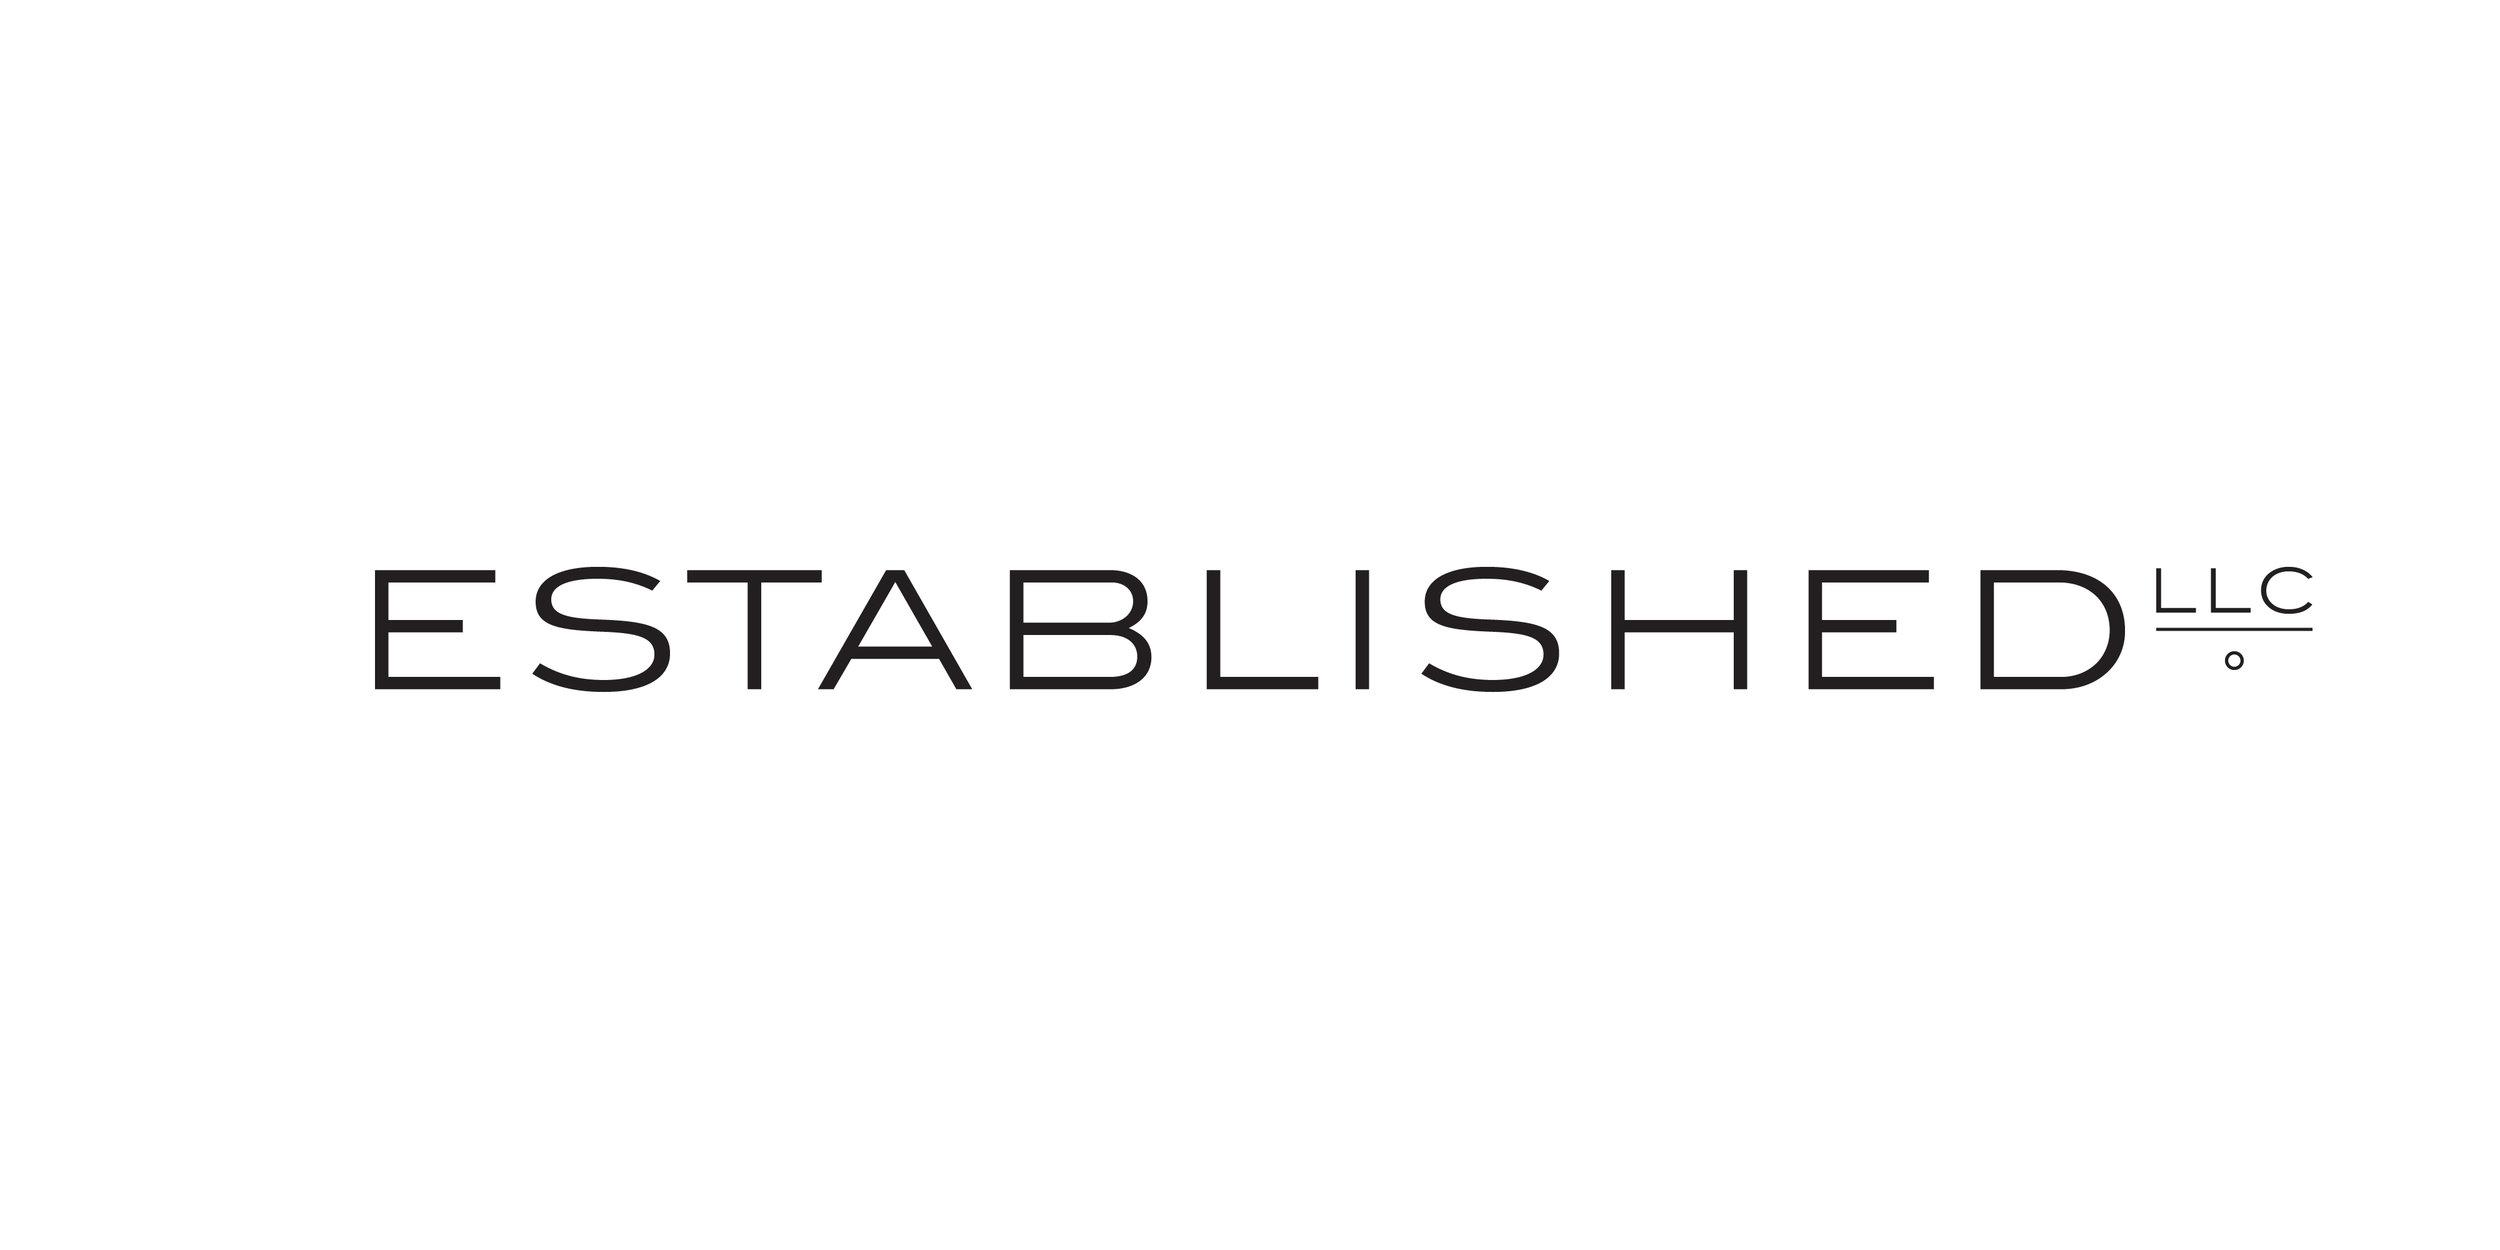 SHIP-port-EST-identity-logo04.jpg